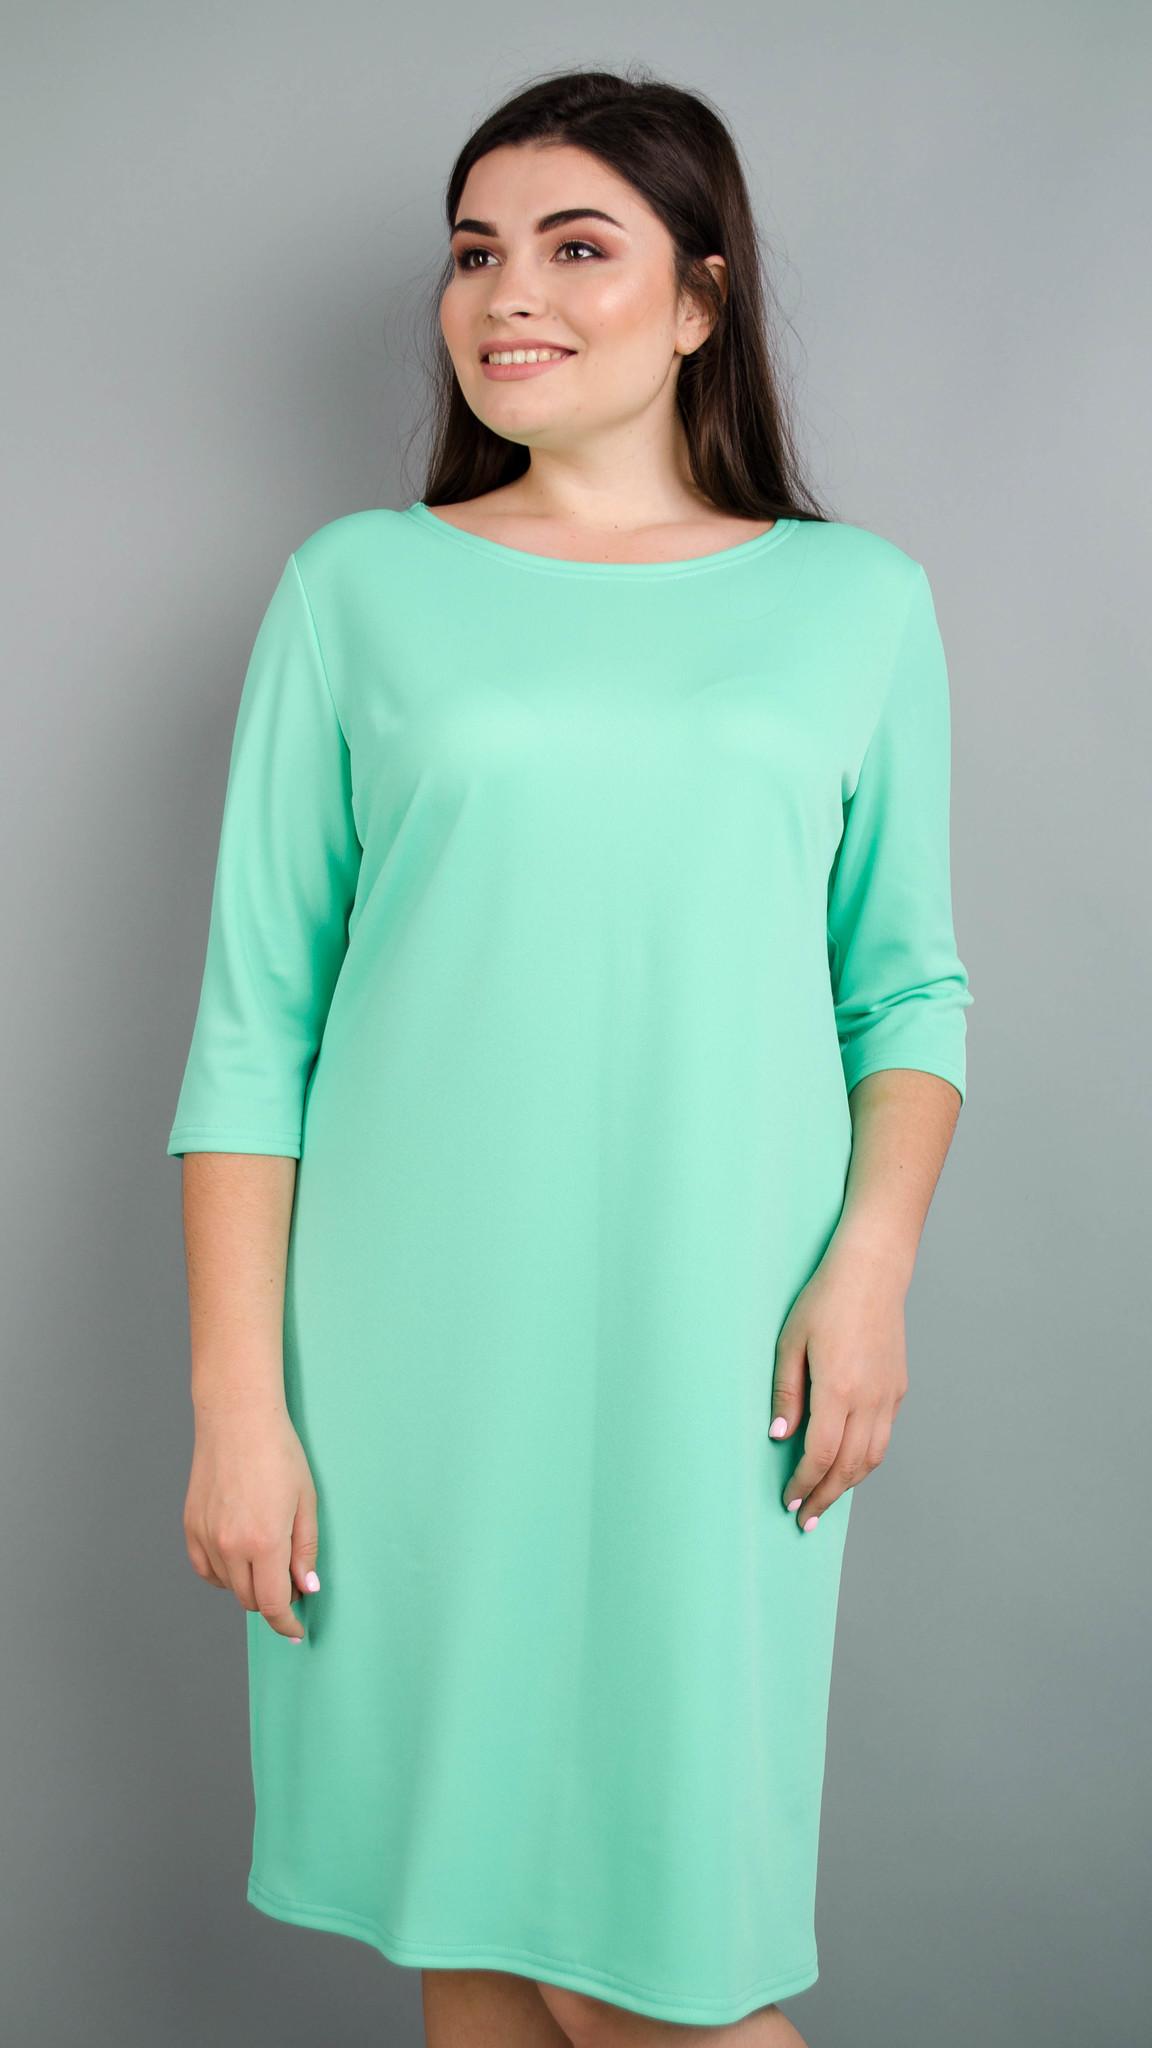 Аріна креп. Універсальна сукня великих розмірів. М'ята.